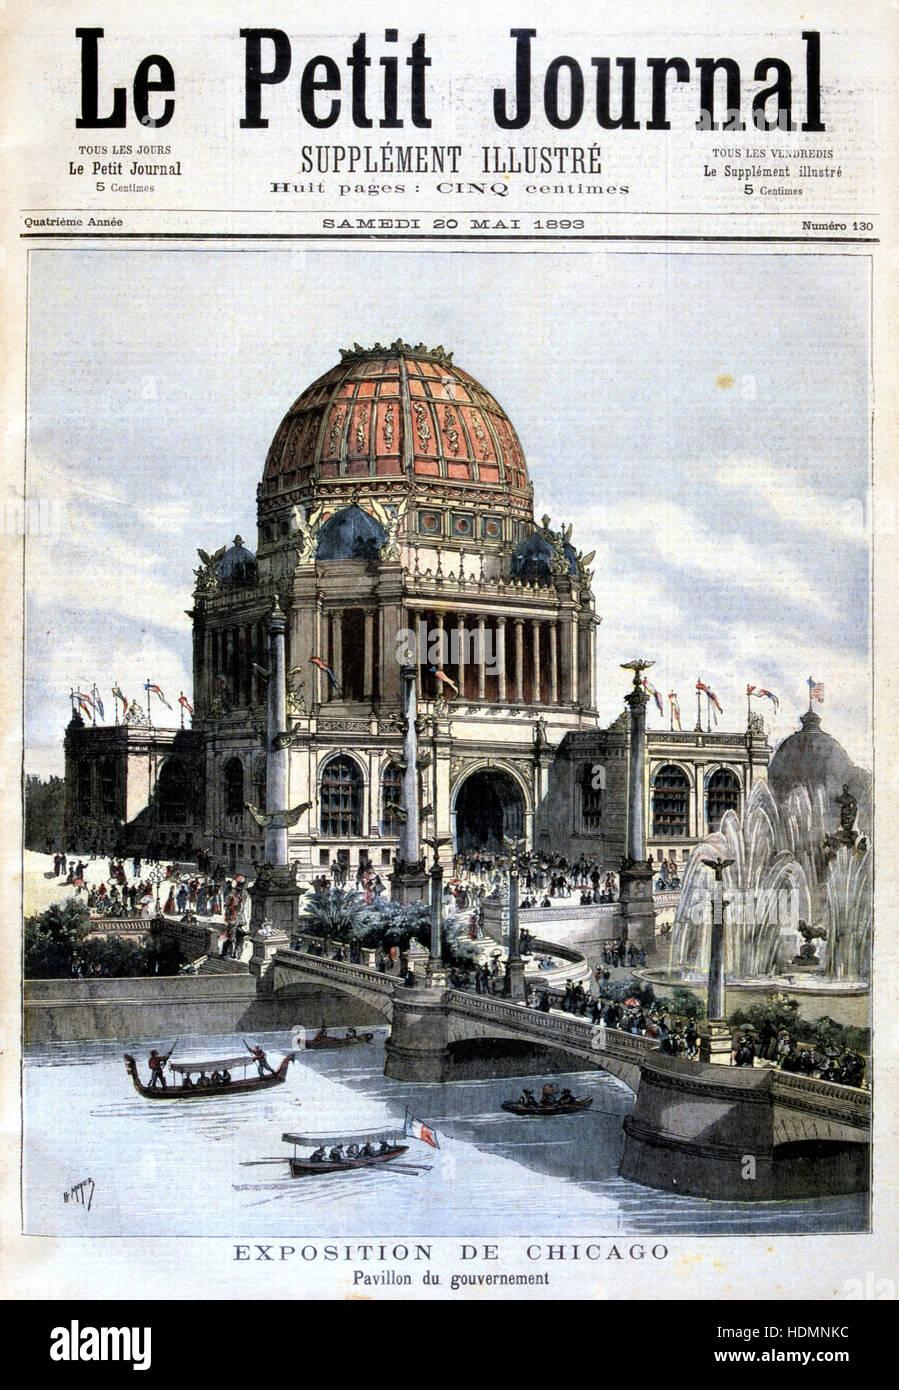 'Le Petit Journal' Paris 20 May 1893 - Chicago Exhibition, 1893 -  US  pavilion - Stock Image